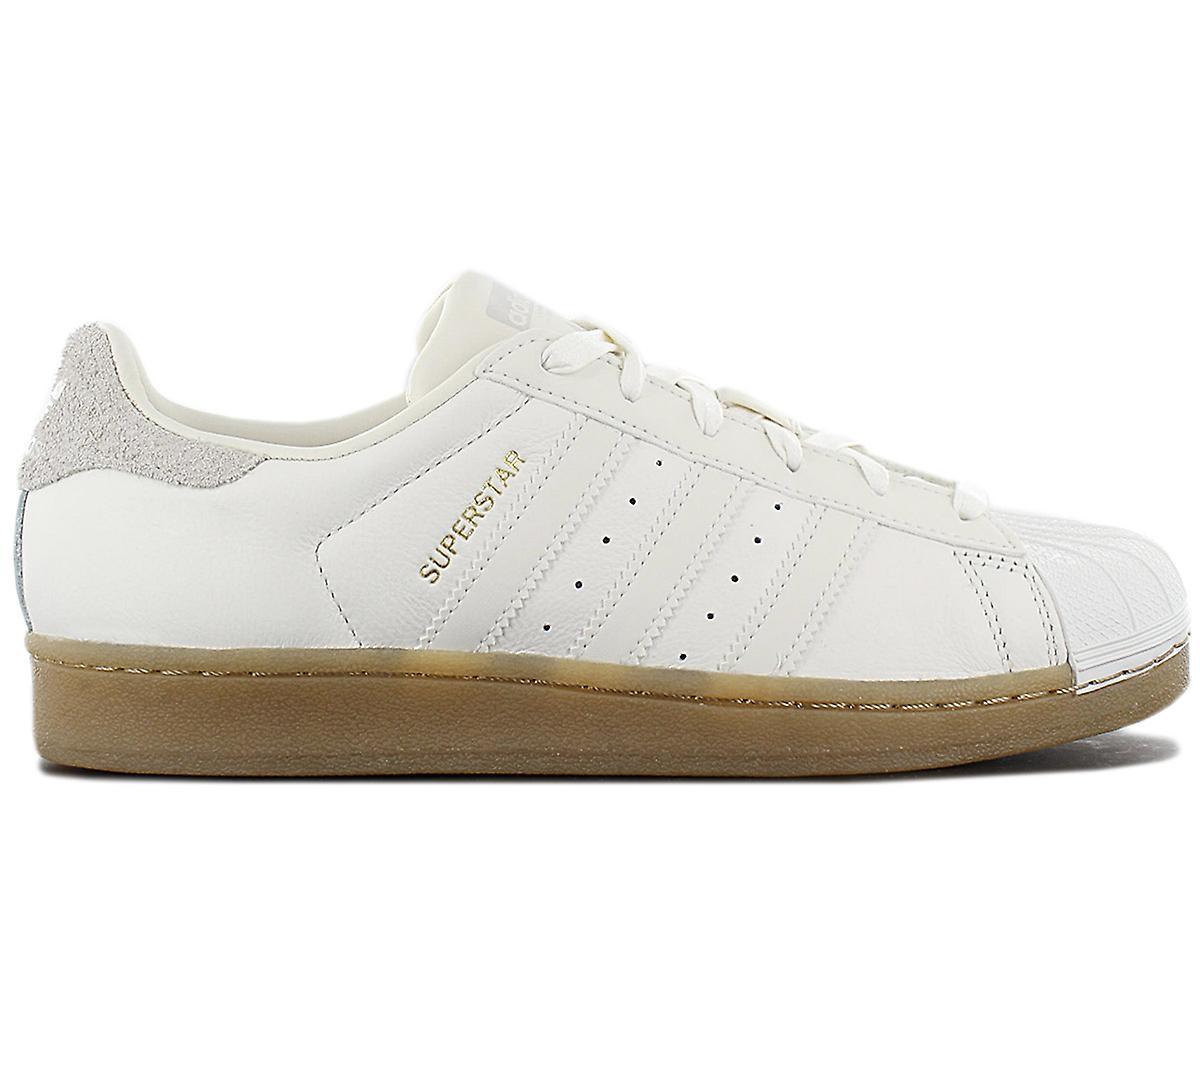 adidas Originals Superstar W - Buty damskie Białe B37147 Trampki Sportowe Nf0kl